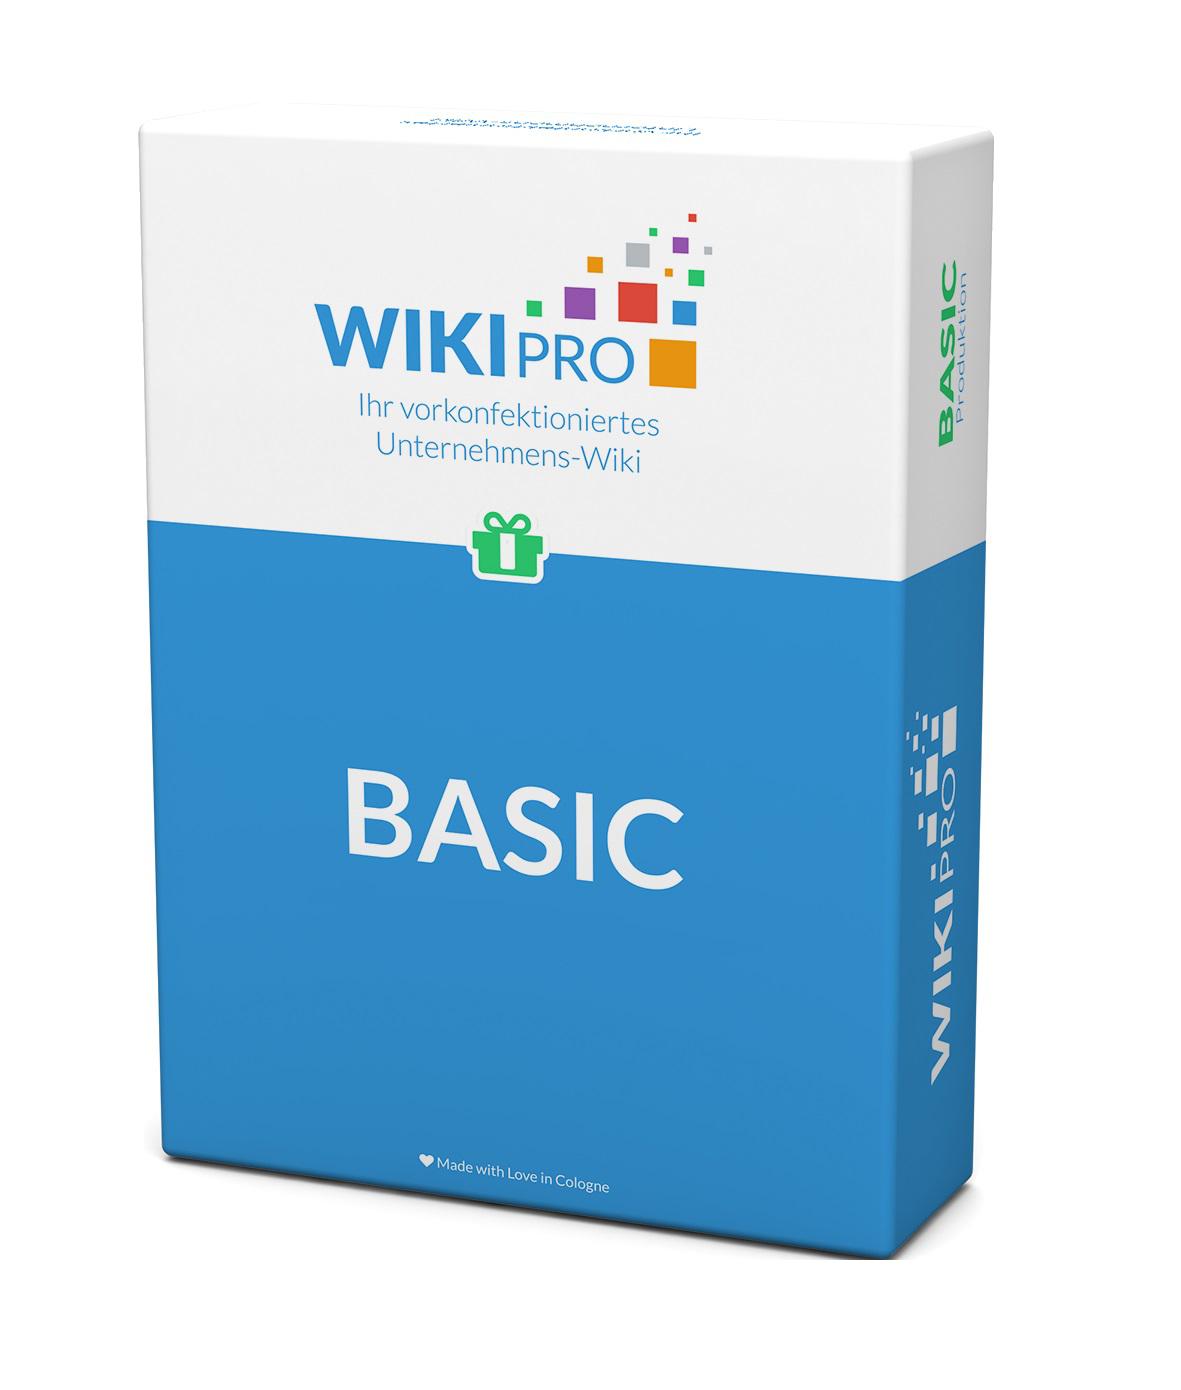 WIKIpro Basic